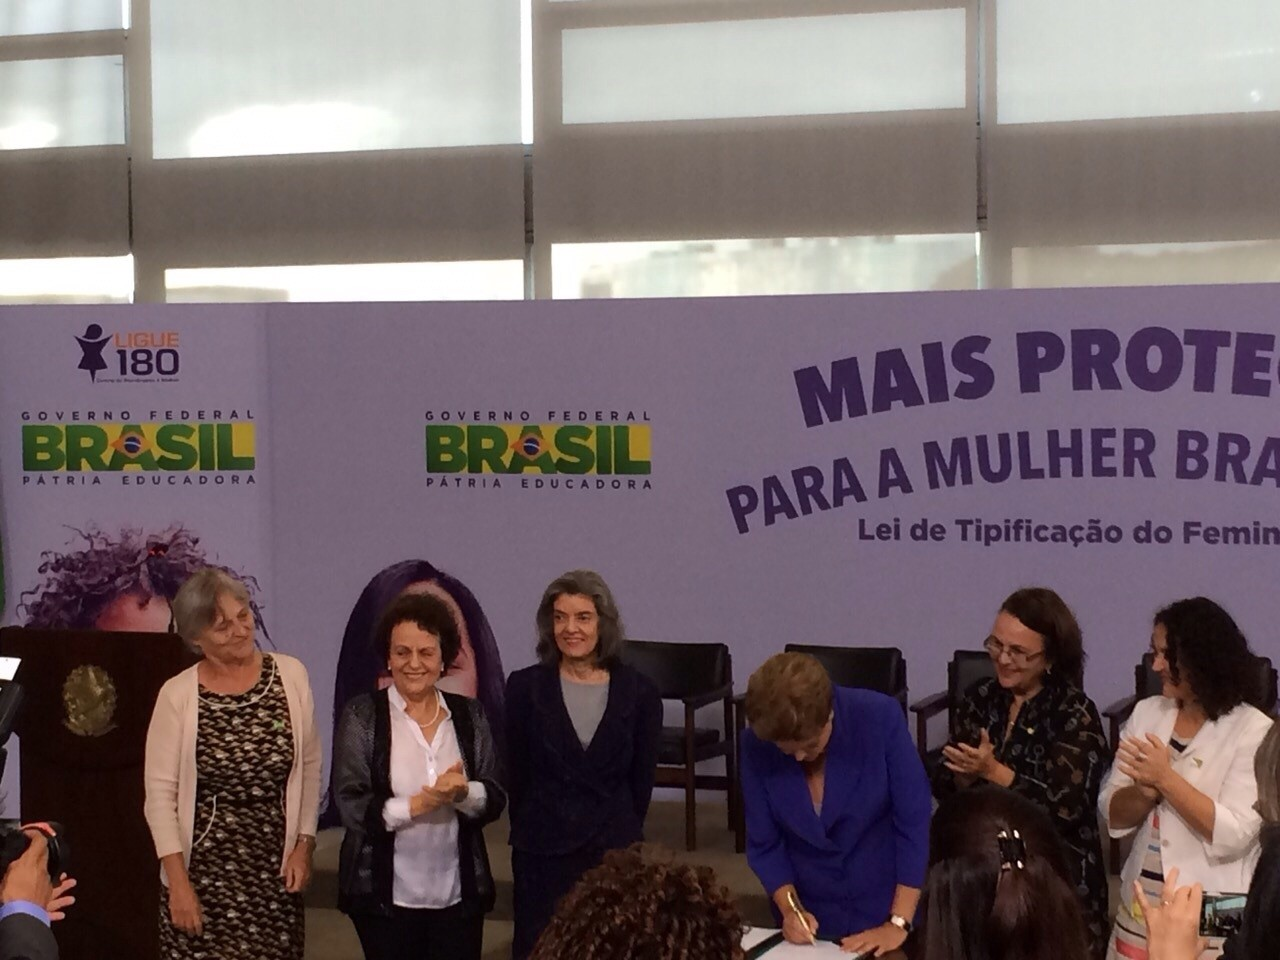 Ministra Carmem Lúcia, do STF, a ministra Eleonora Menicucci e Dilma no ato que sancionou a lei (Foto: Arquivo pessoal)